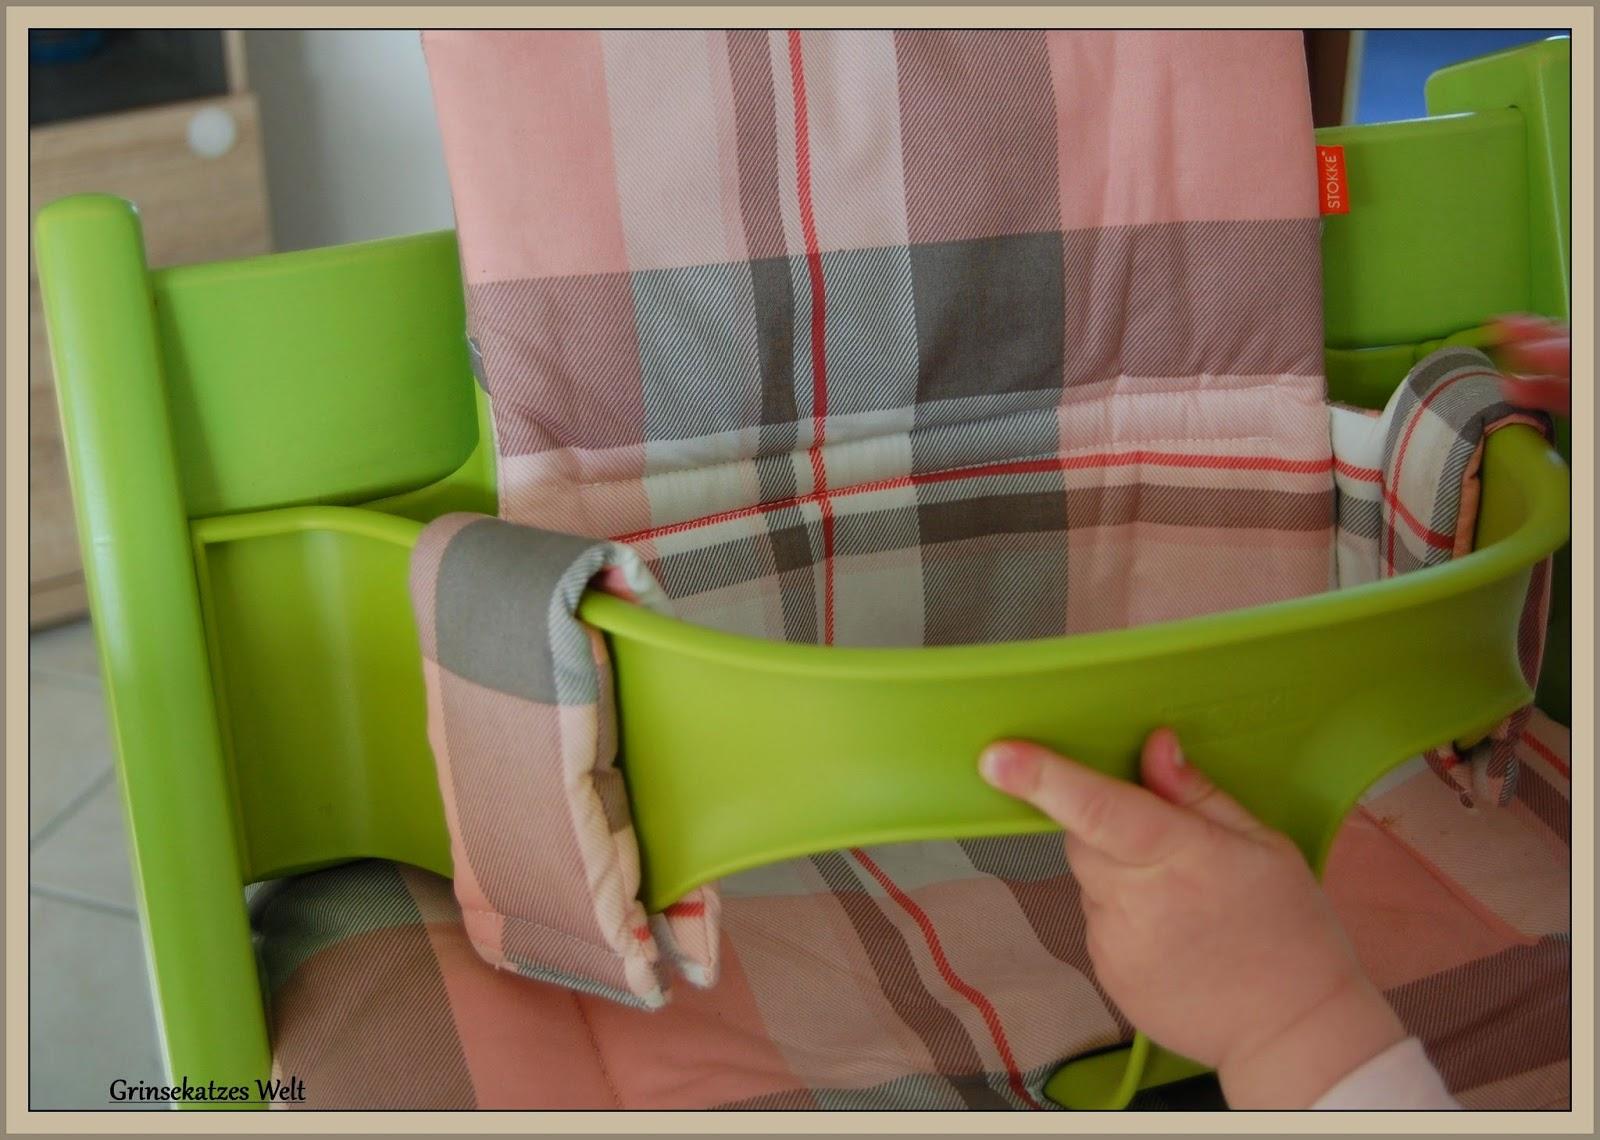 grinsekatzes welt wir lieben unseren stokke tripp trapp. Black Bedroom Furniture Sets. Home Design Ideas